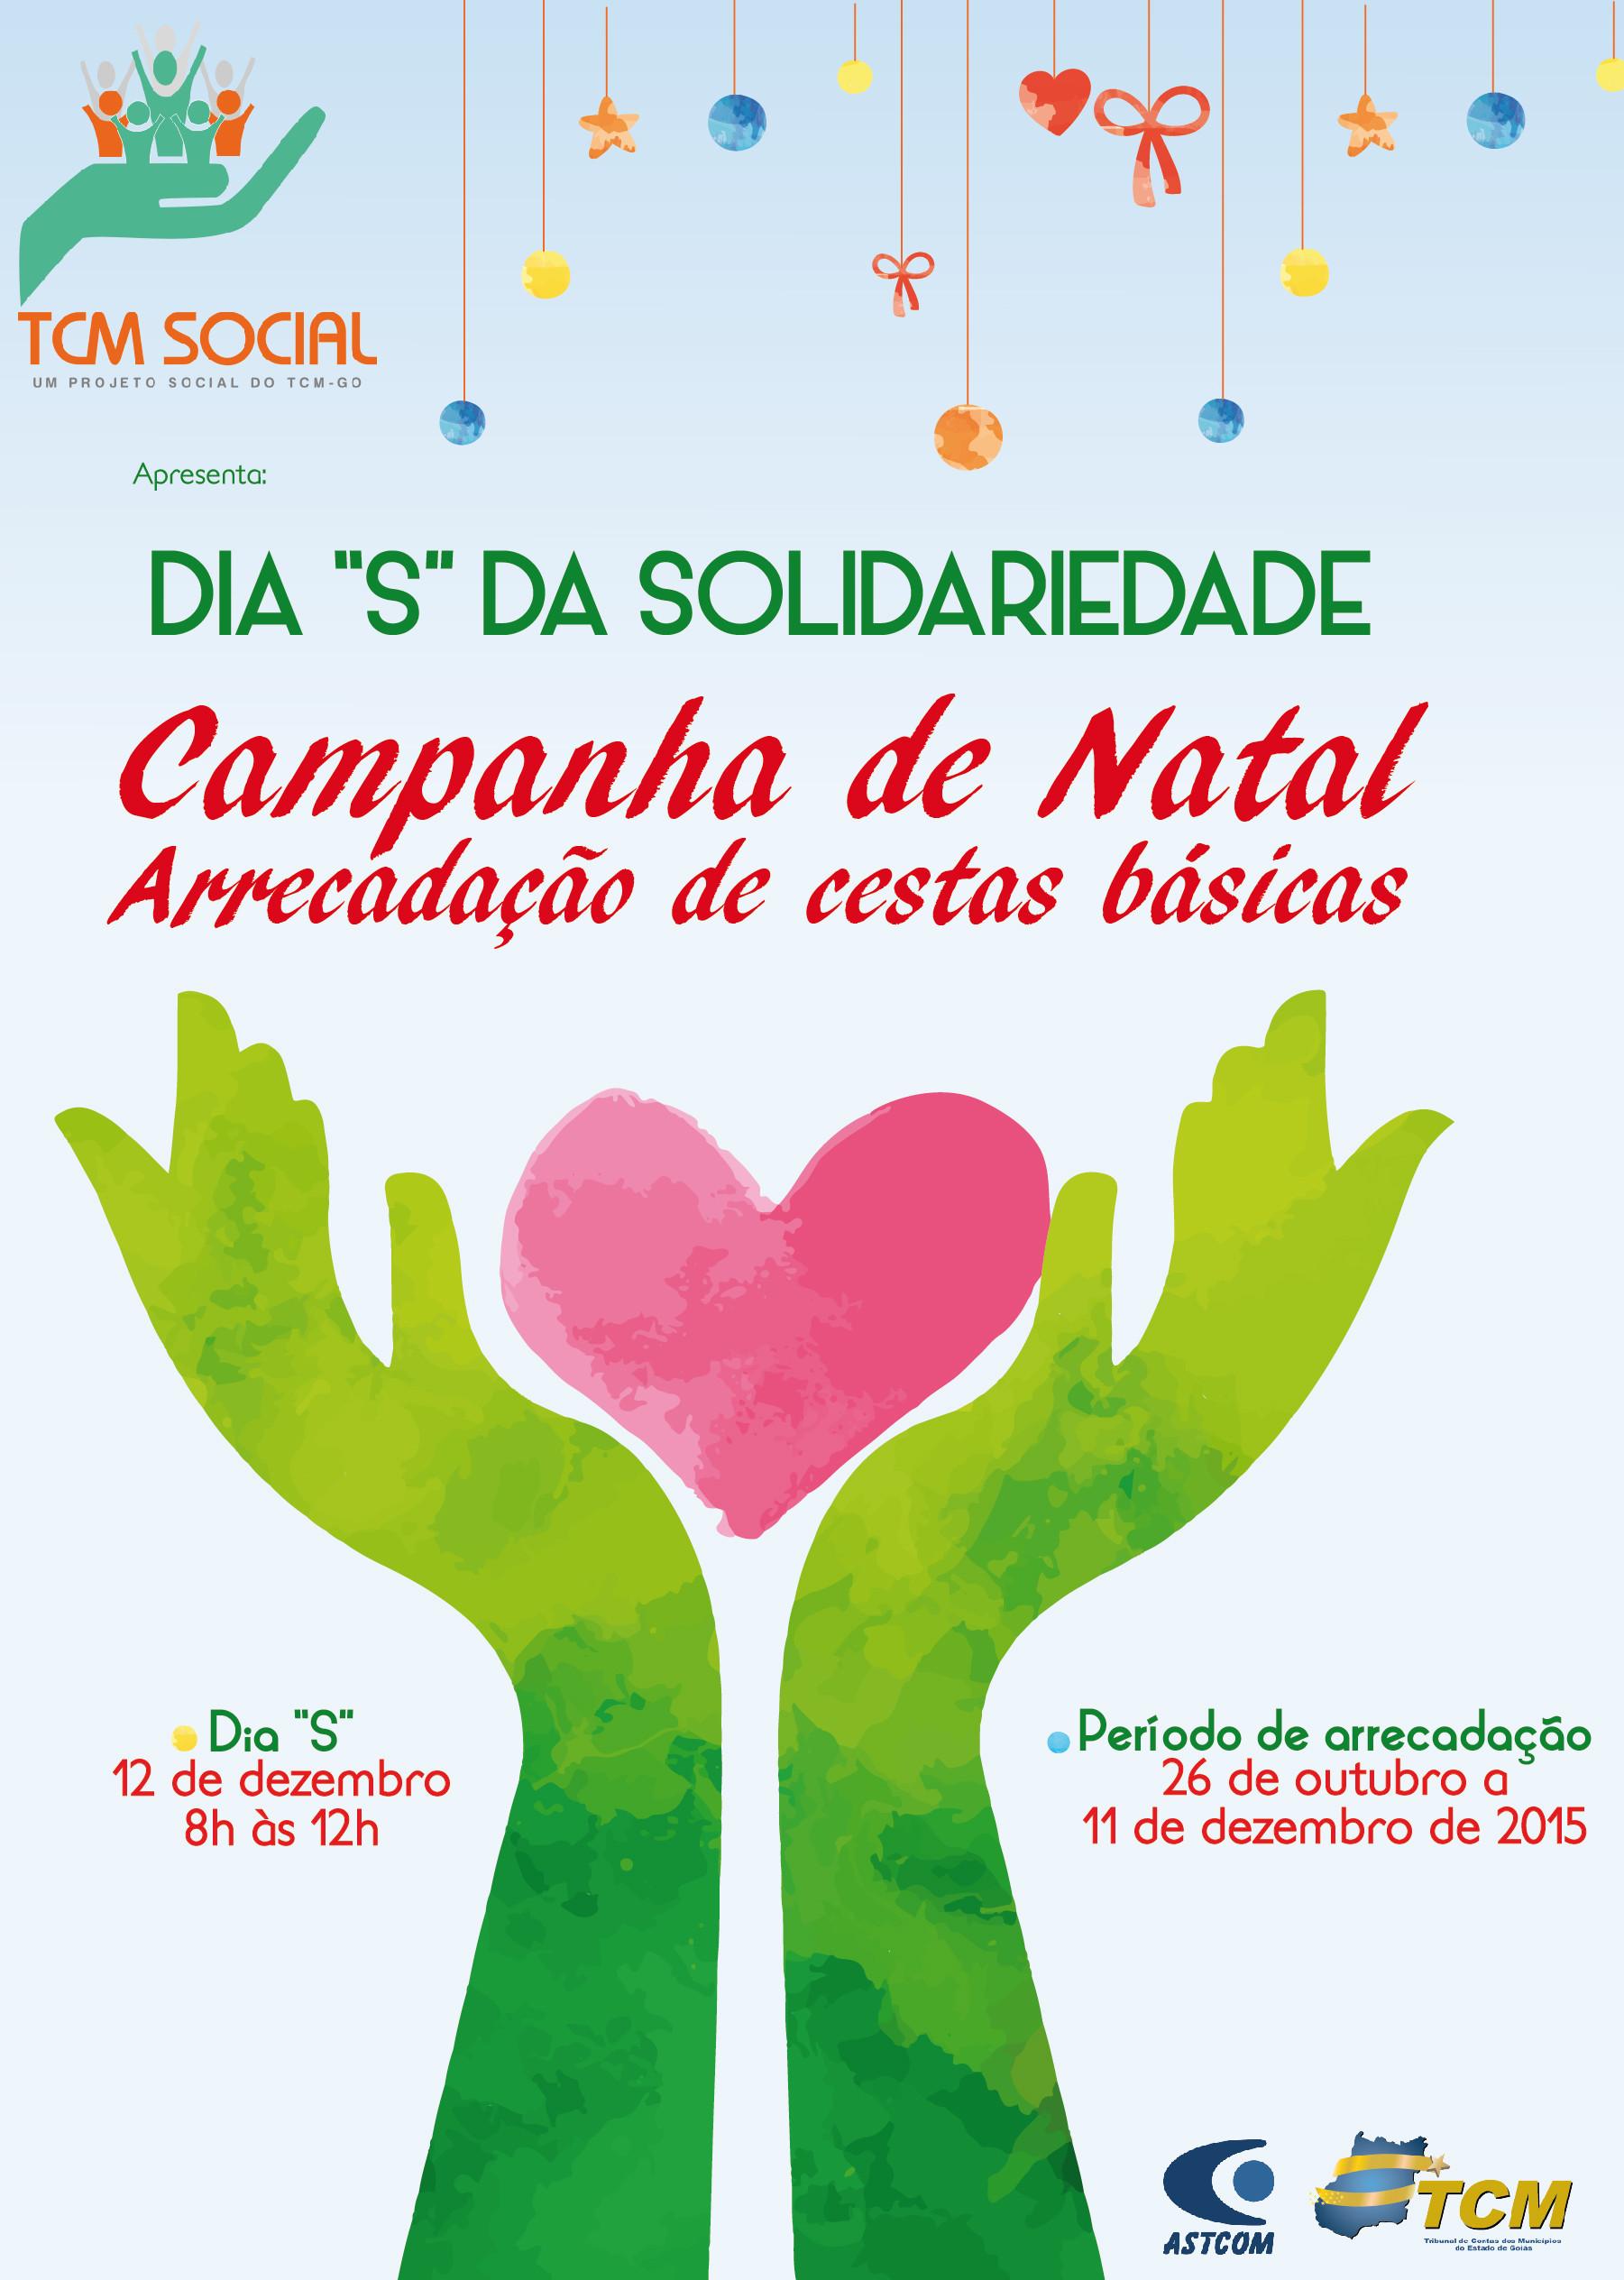 Campanha da Solidariedade de Natal-01